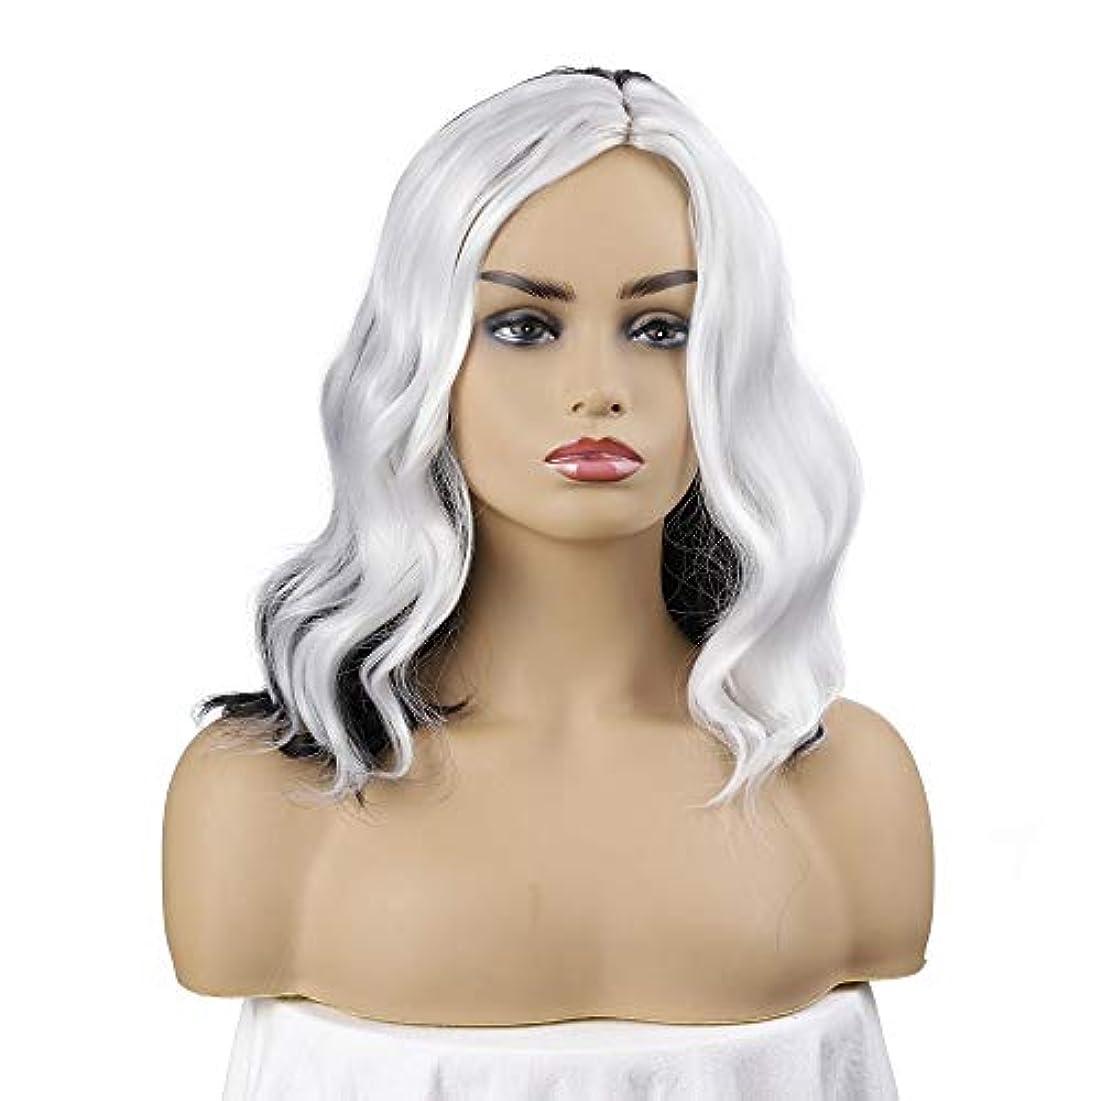 朝の体操をするパッチ適用済み女性の短い巻き毛のかつら、短いボブの波状の巻き毛のかつら、黒と白のかつら、黒人女性のための自然なかつら、ハロウィンコスプレパーティーコスチュームウィッグ(ウィッグキャップ付き)